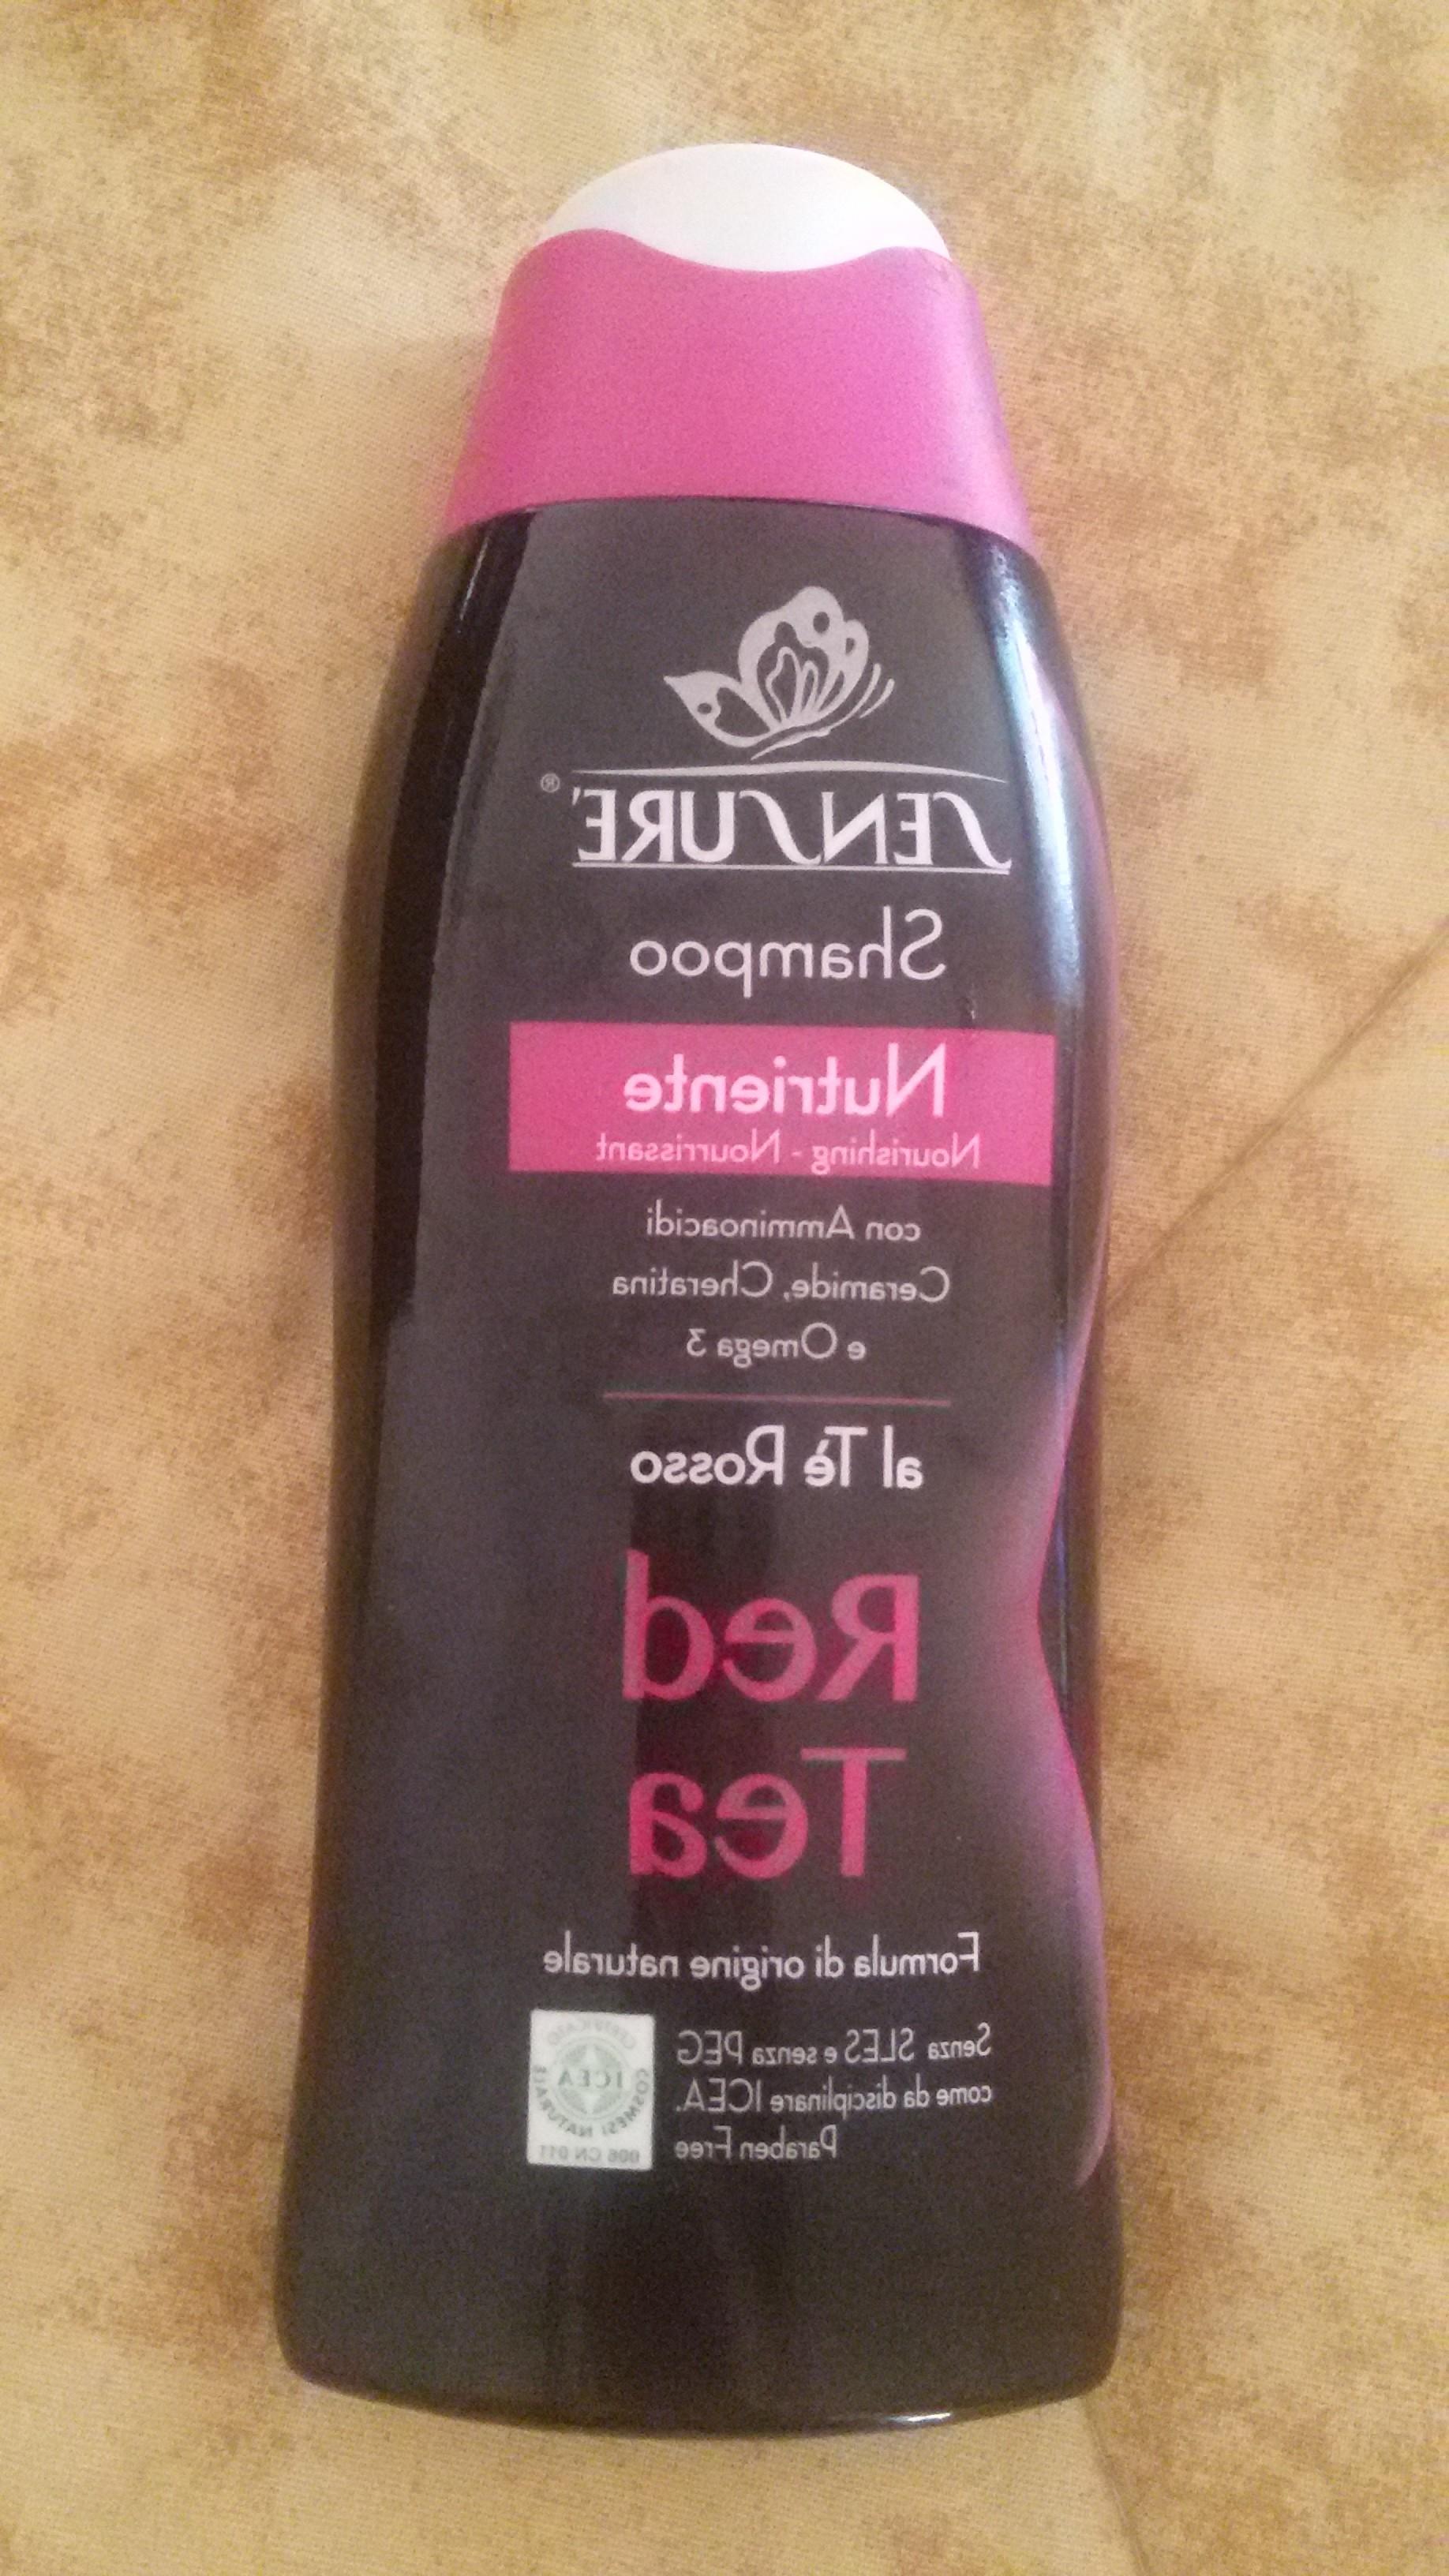 Sensurè shampoo nutriente, recensione Sensurè shampoo nutriente, opinione Sensurè shampoo nutriente, INCI Sensurè shampoo nutriente, sensure